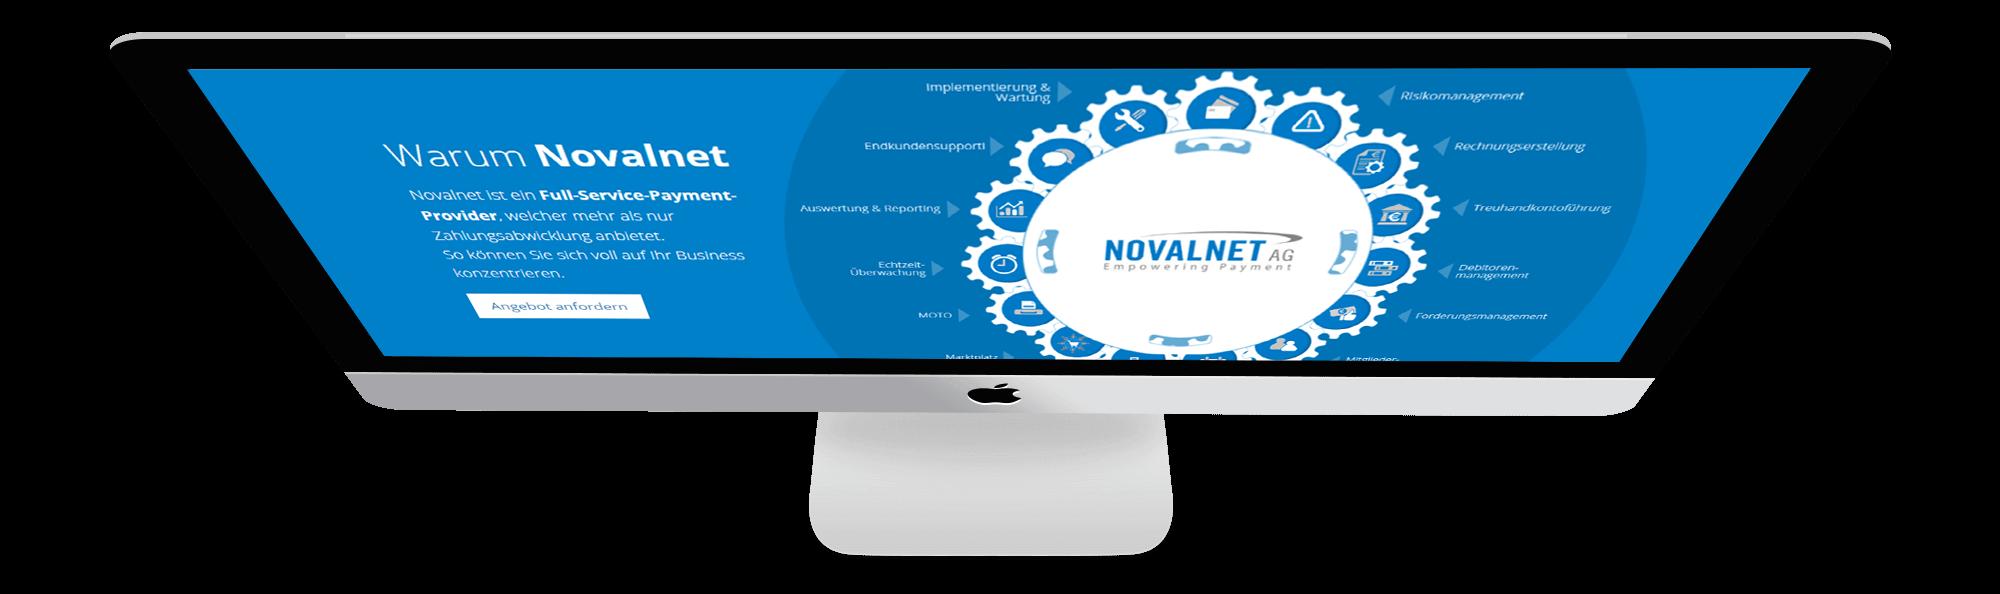 Brandcrock-Novalnet_BrandCrock-portfolio-payment-services-imac